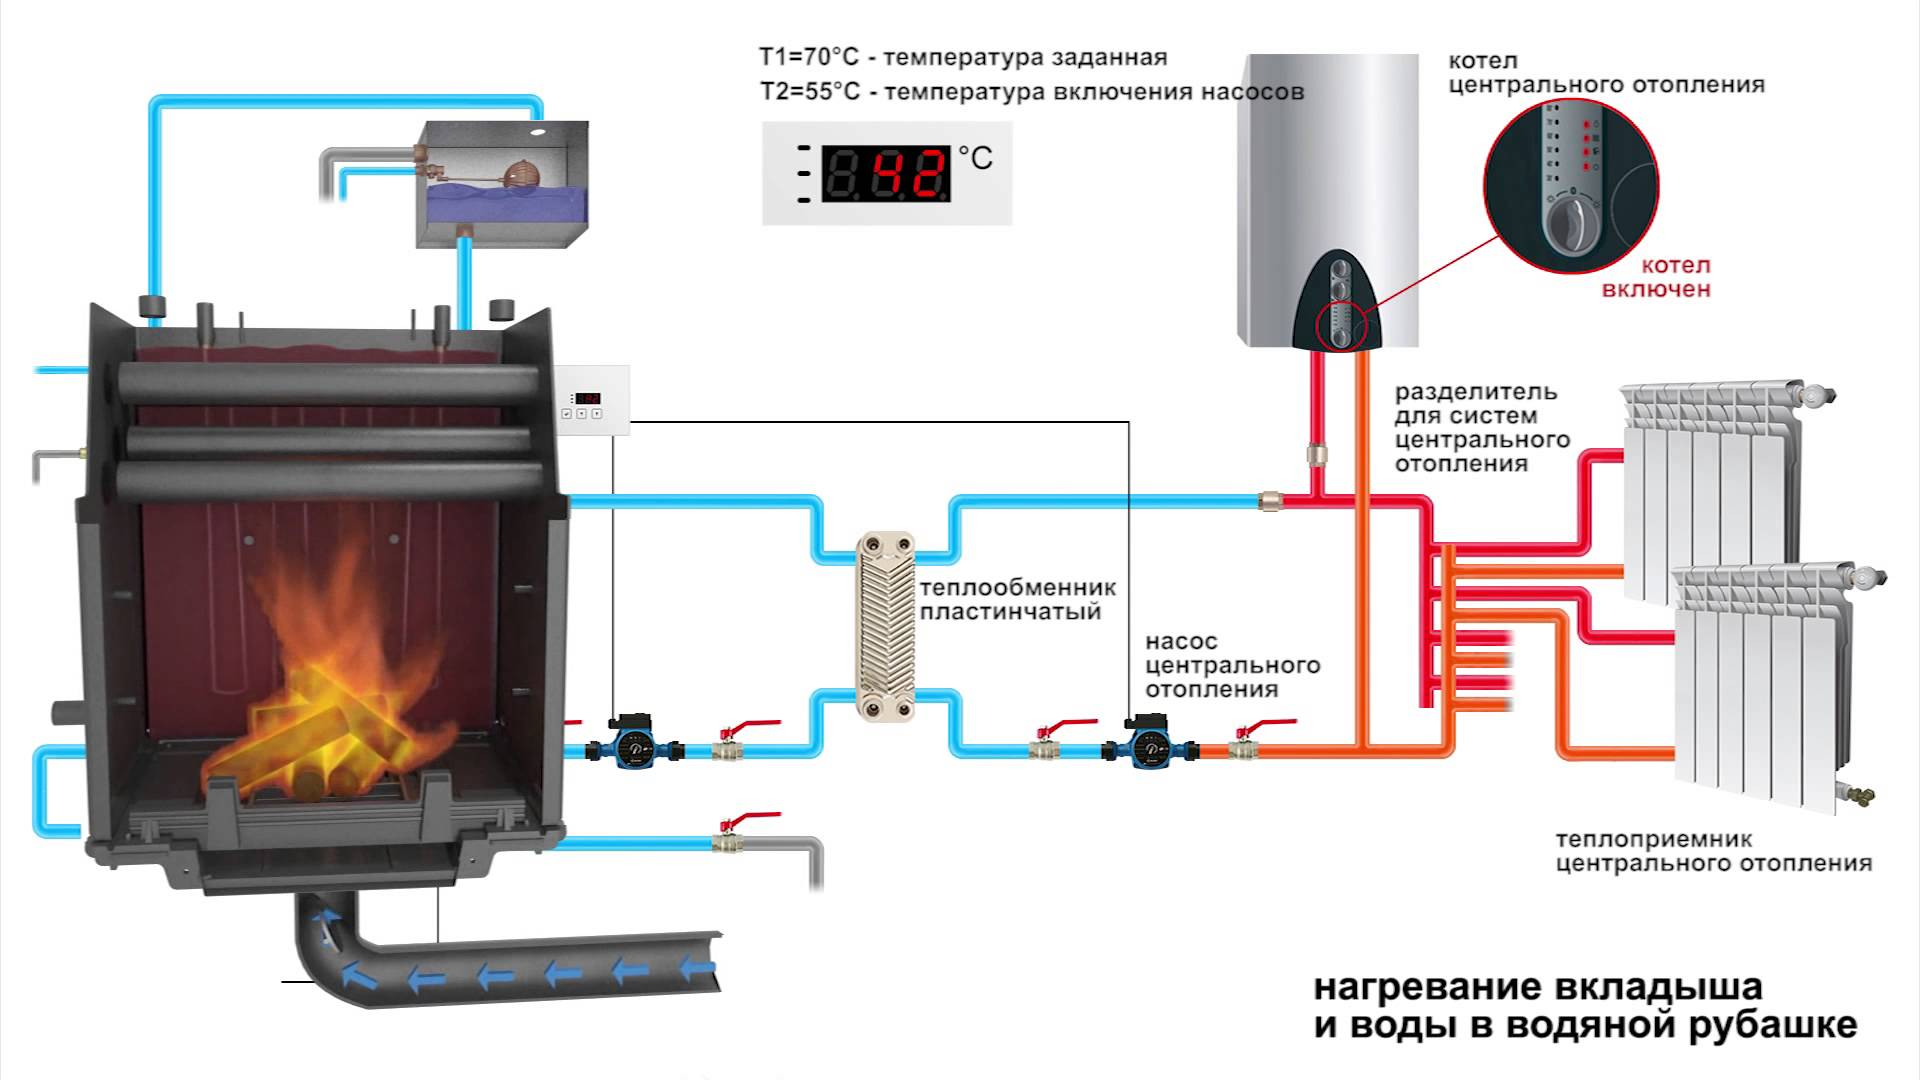 Контур отопления в печь